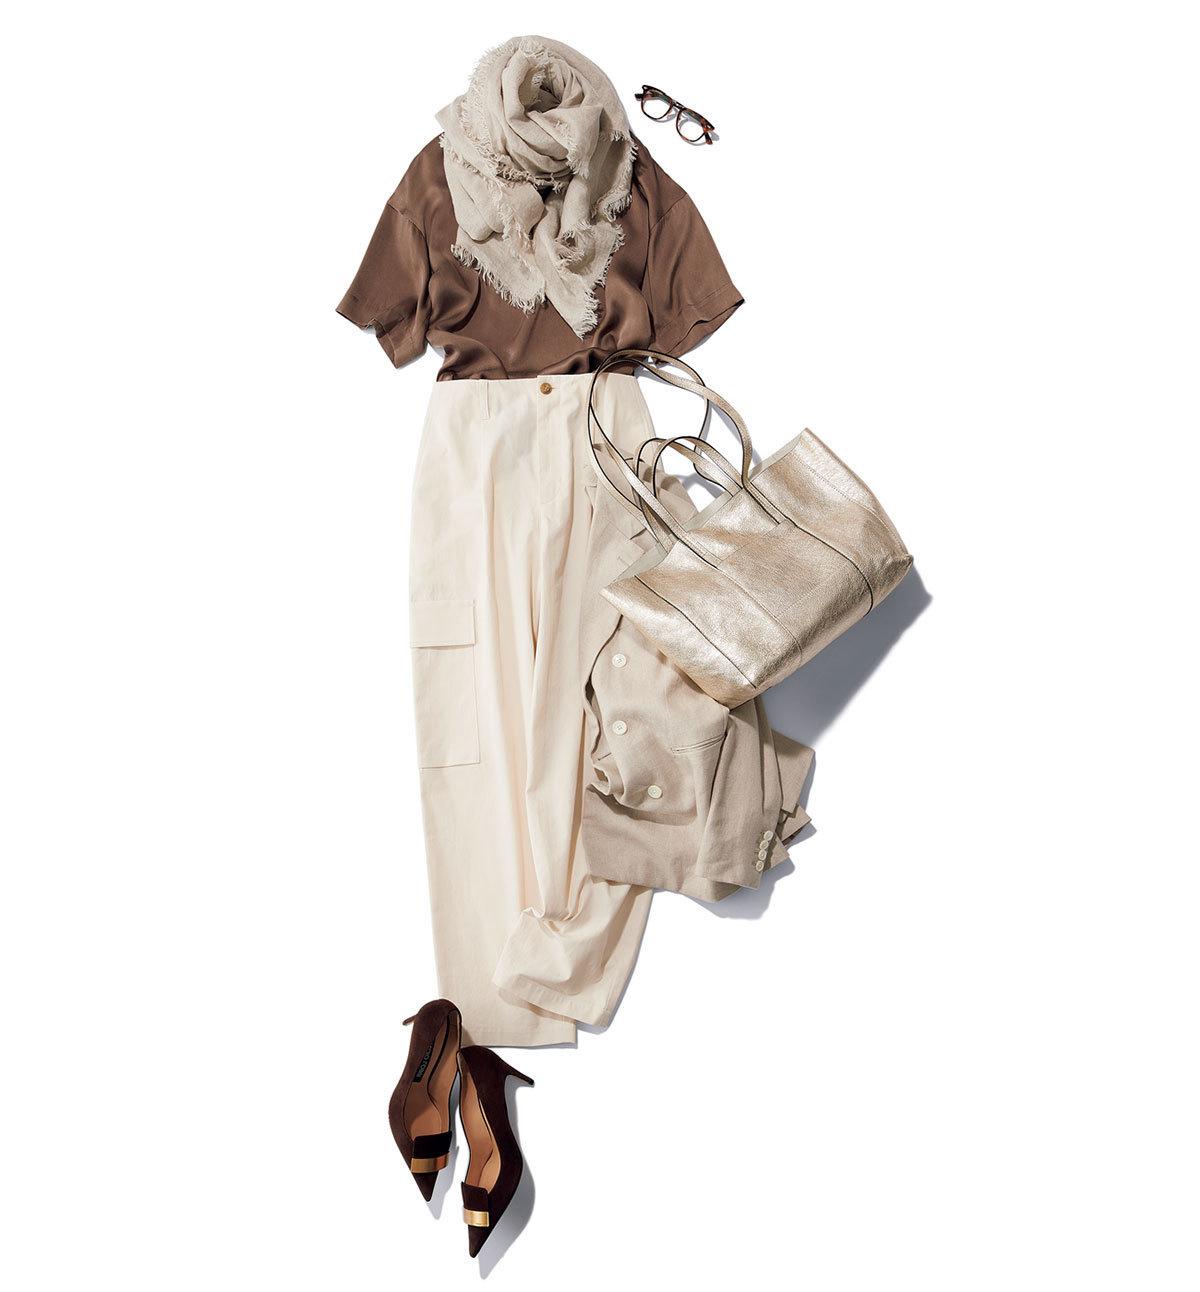 「ストール」でアラフォーの夏コーデをブラッシュアップ! 冷房対策にもおしゃれにも効くストールの取り入れ方  40代ファッション_1_4